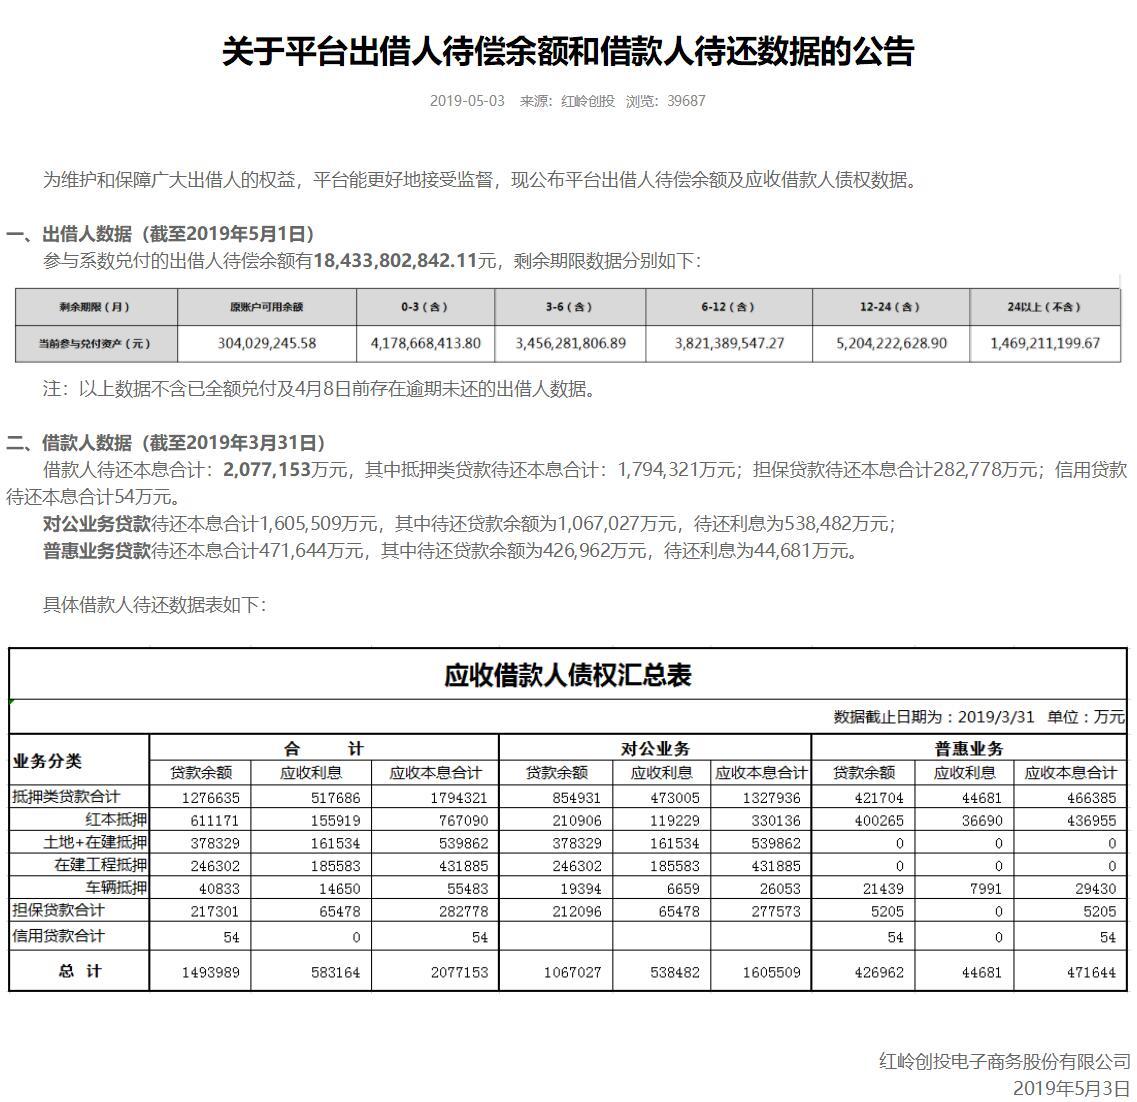 <font color='red'>红岭</font>创投拟第二次兑付金额5000万元 待偿余额184亿余元